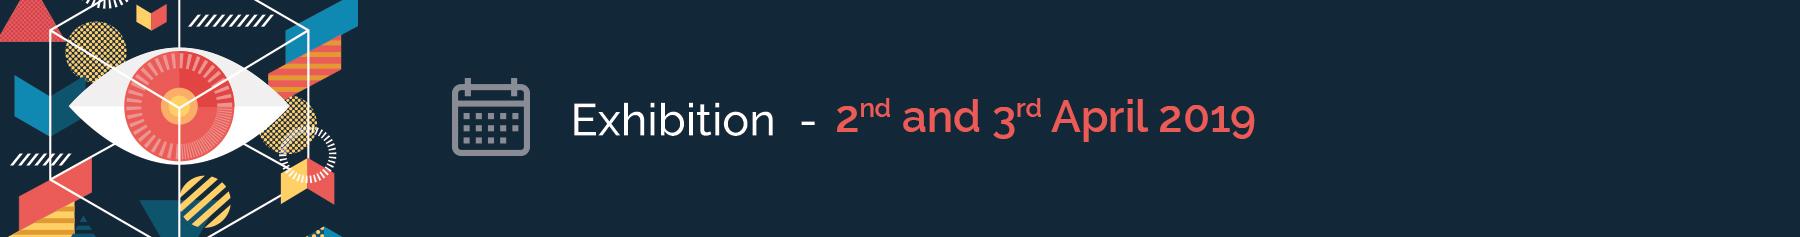 infor-slider2-2ndand3rdapril